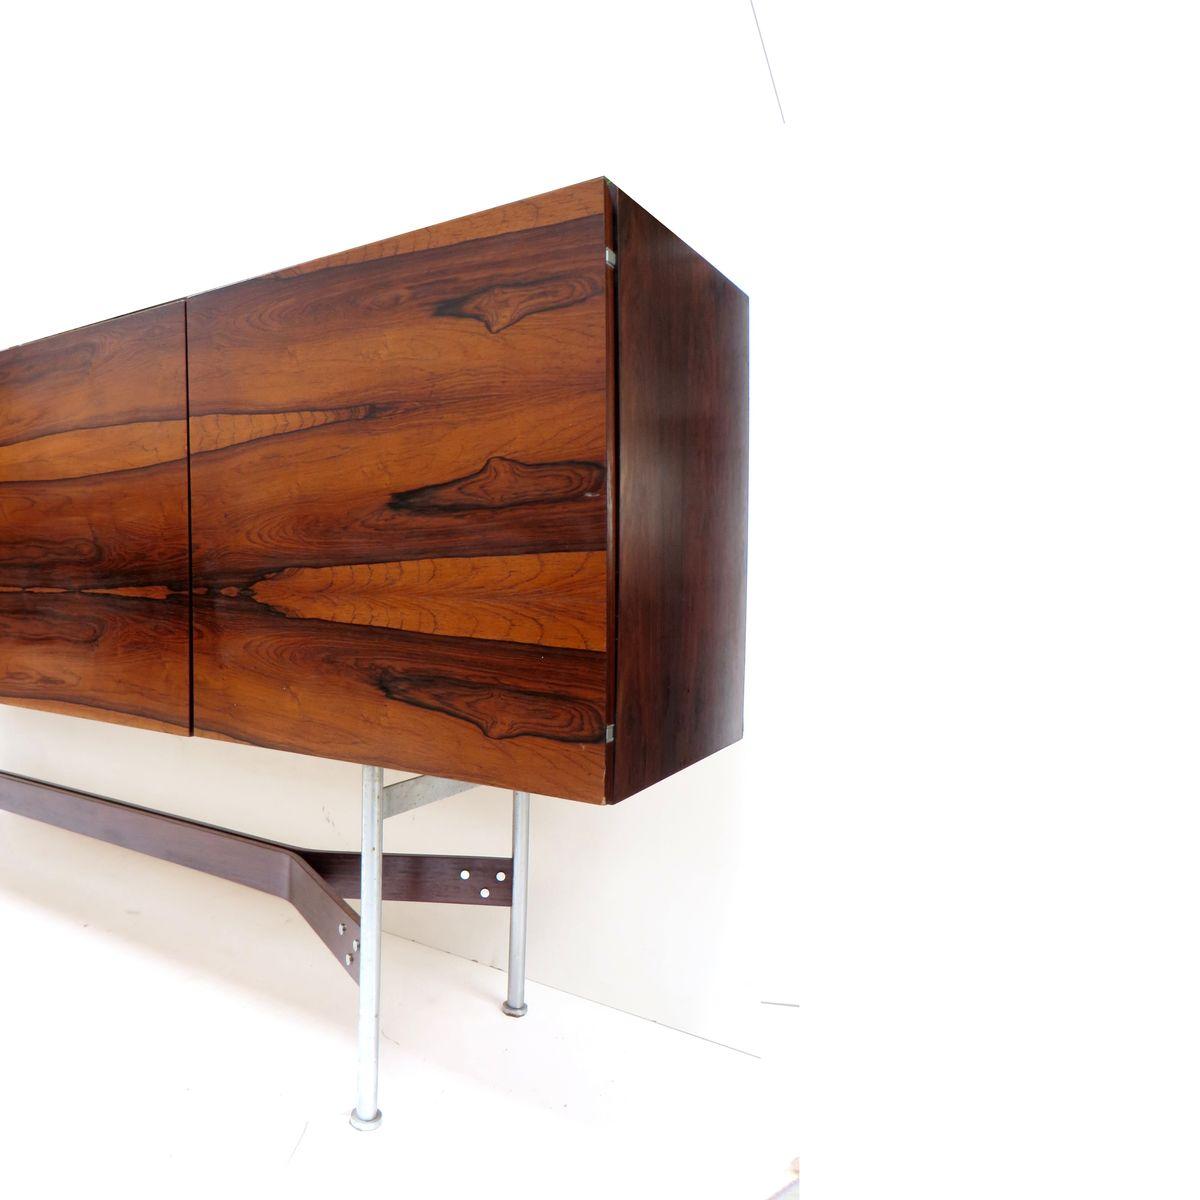 Dutch glr 230 sideboard by rudolf glatzel for fristho for Sideboard 3 meter lang